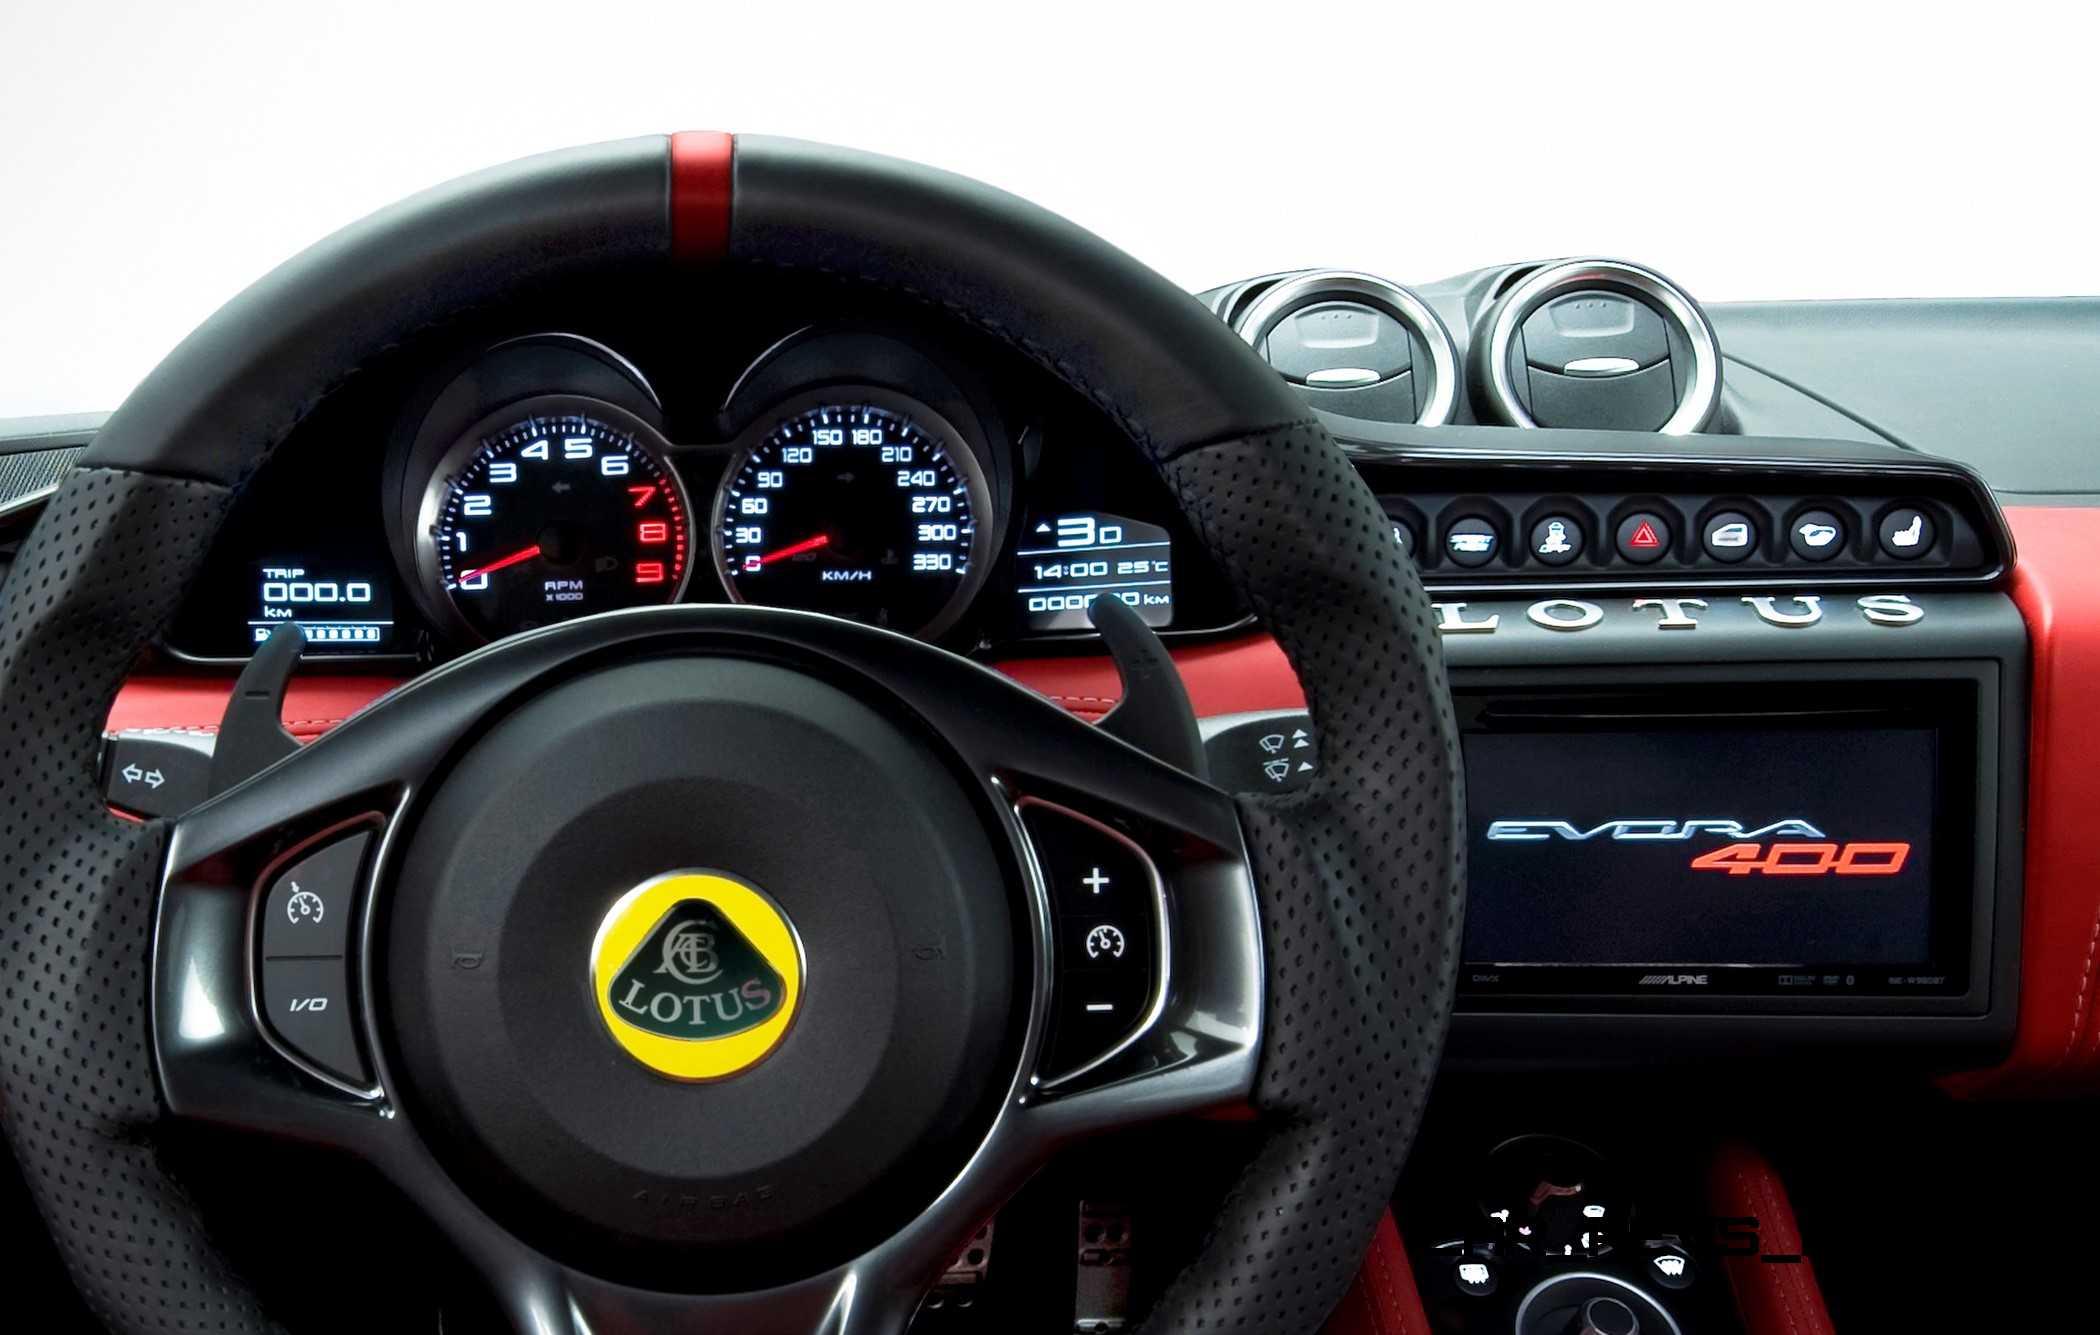 http://www.car-revs-daily.com/wp-content/uploads/2015/02/2016-Lotus-Evora-400-9.jpg